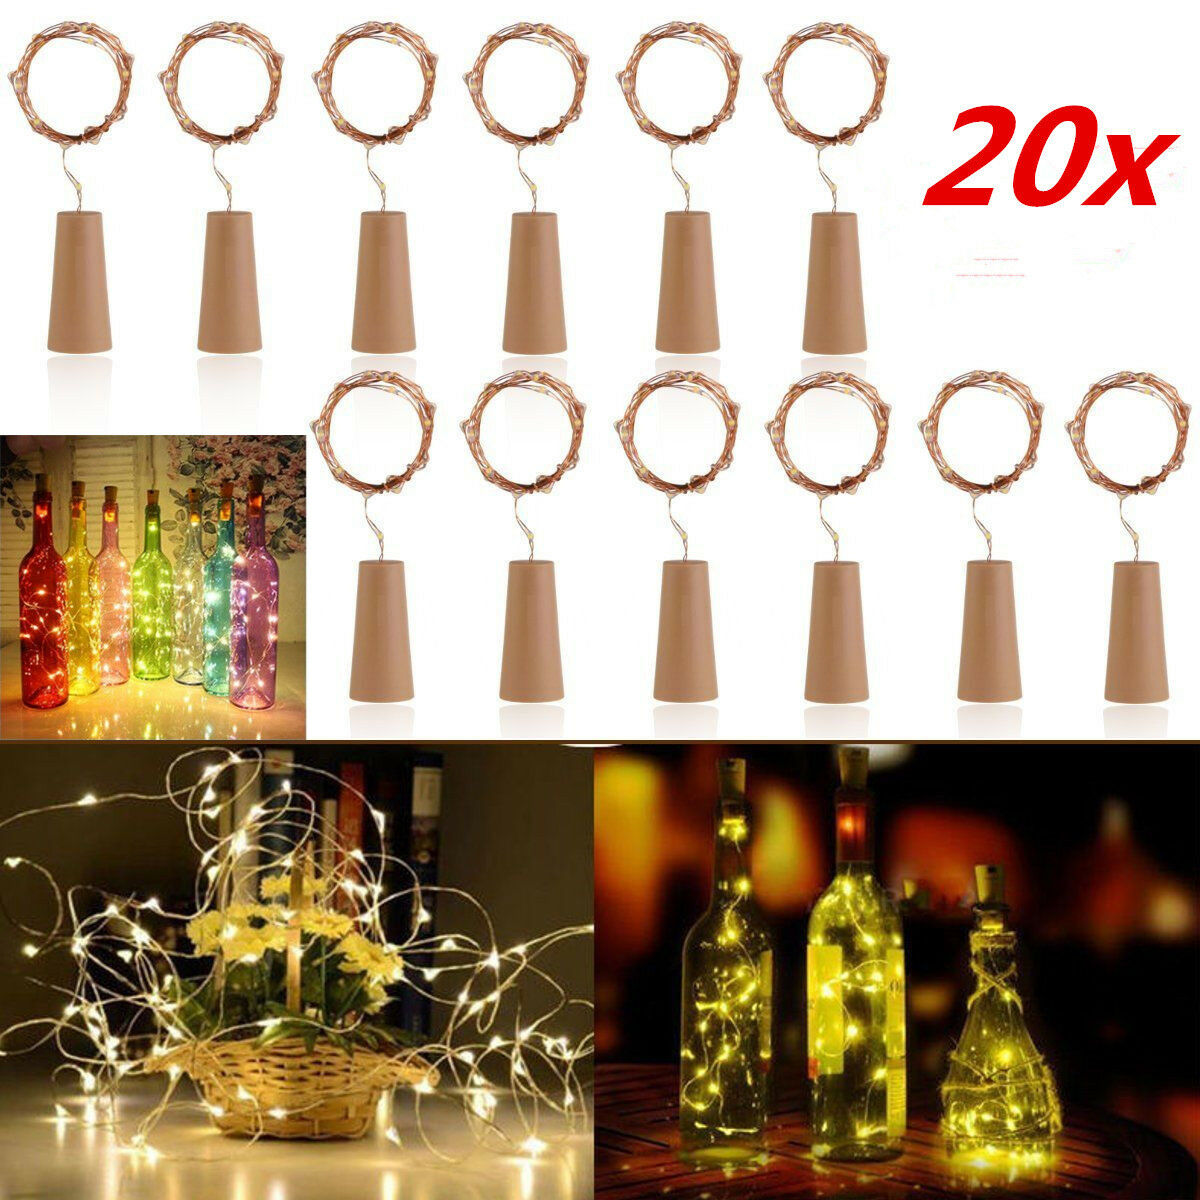 10X 20 LED Lichterkette mit Girlande Efeugirlande Künstlich Rebe Hochzeit Garten